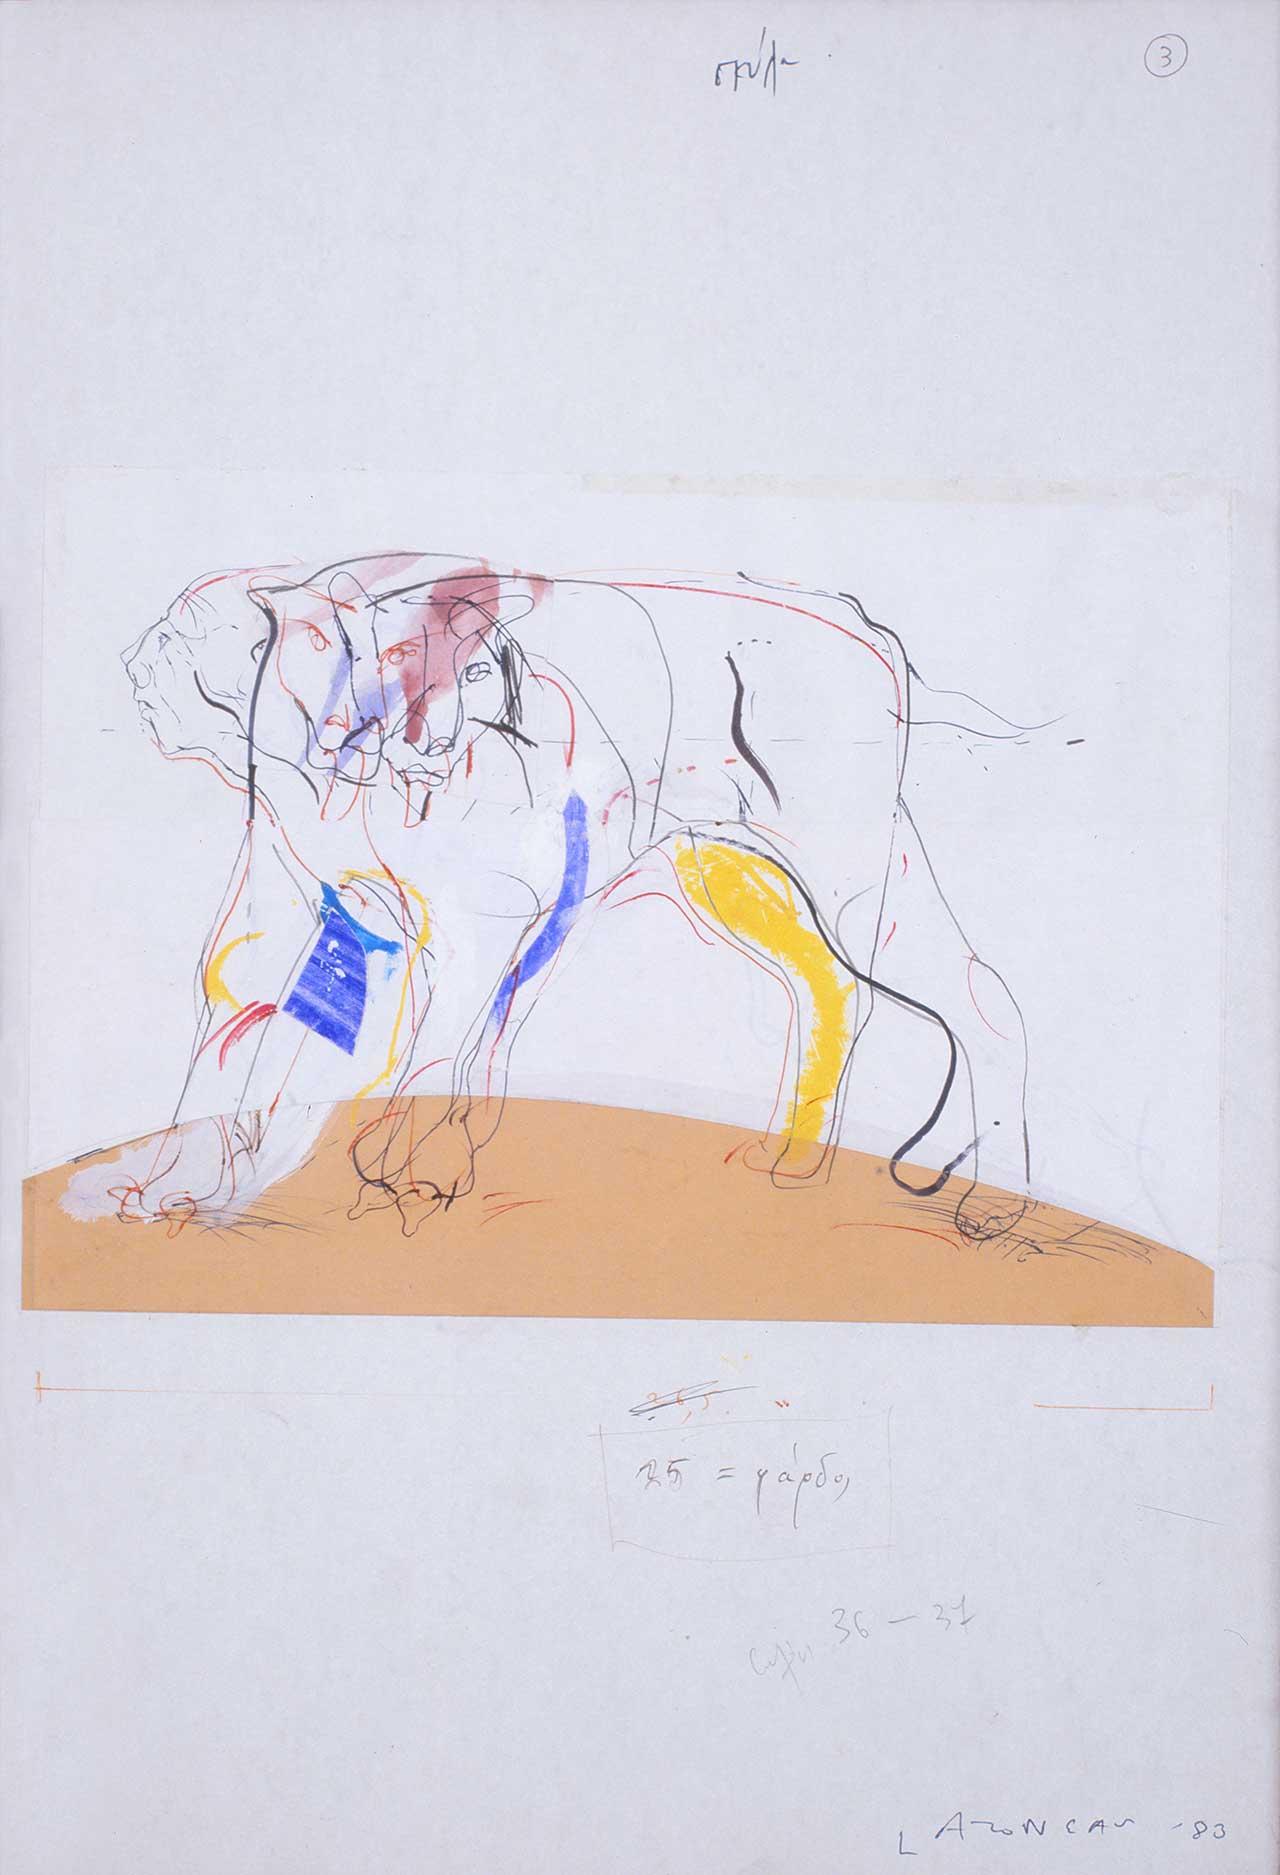 Σκύλα,1983, σχέδιο, 50x34 εκ.